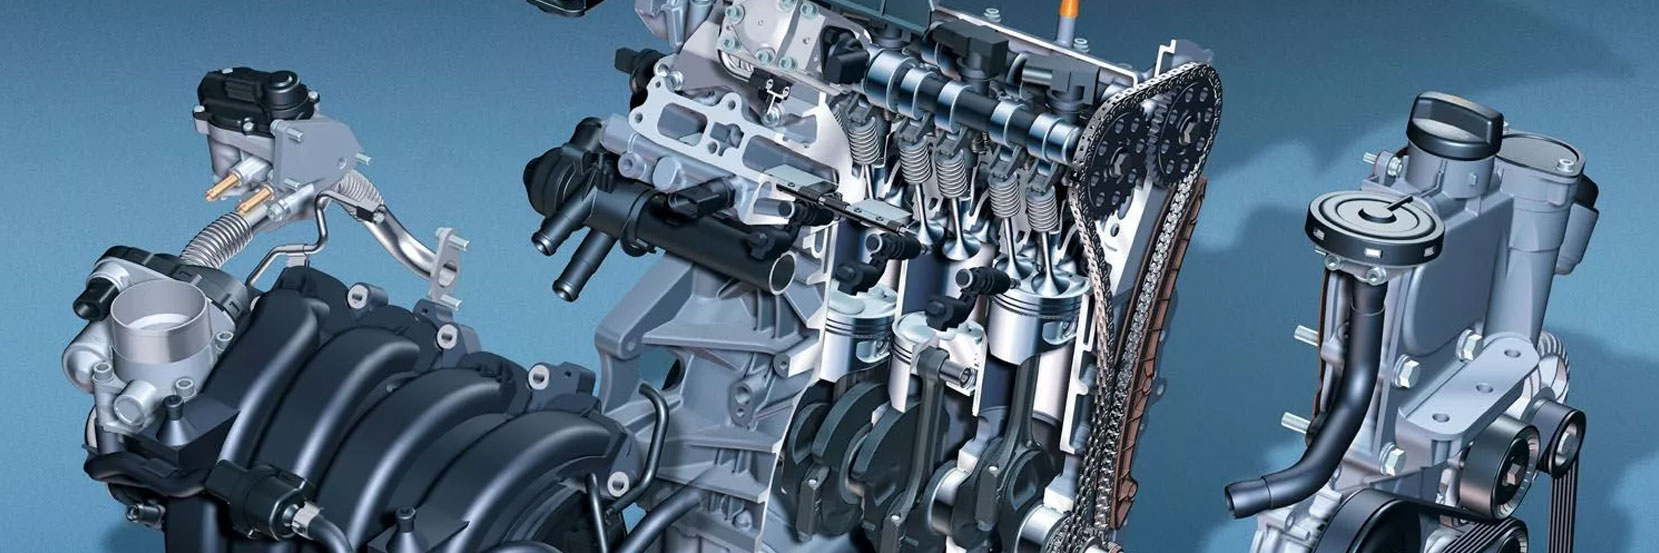 Классификация по API бензиновых двигателей